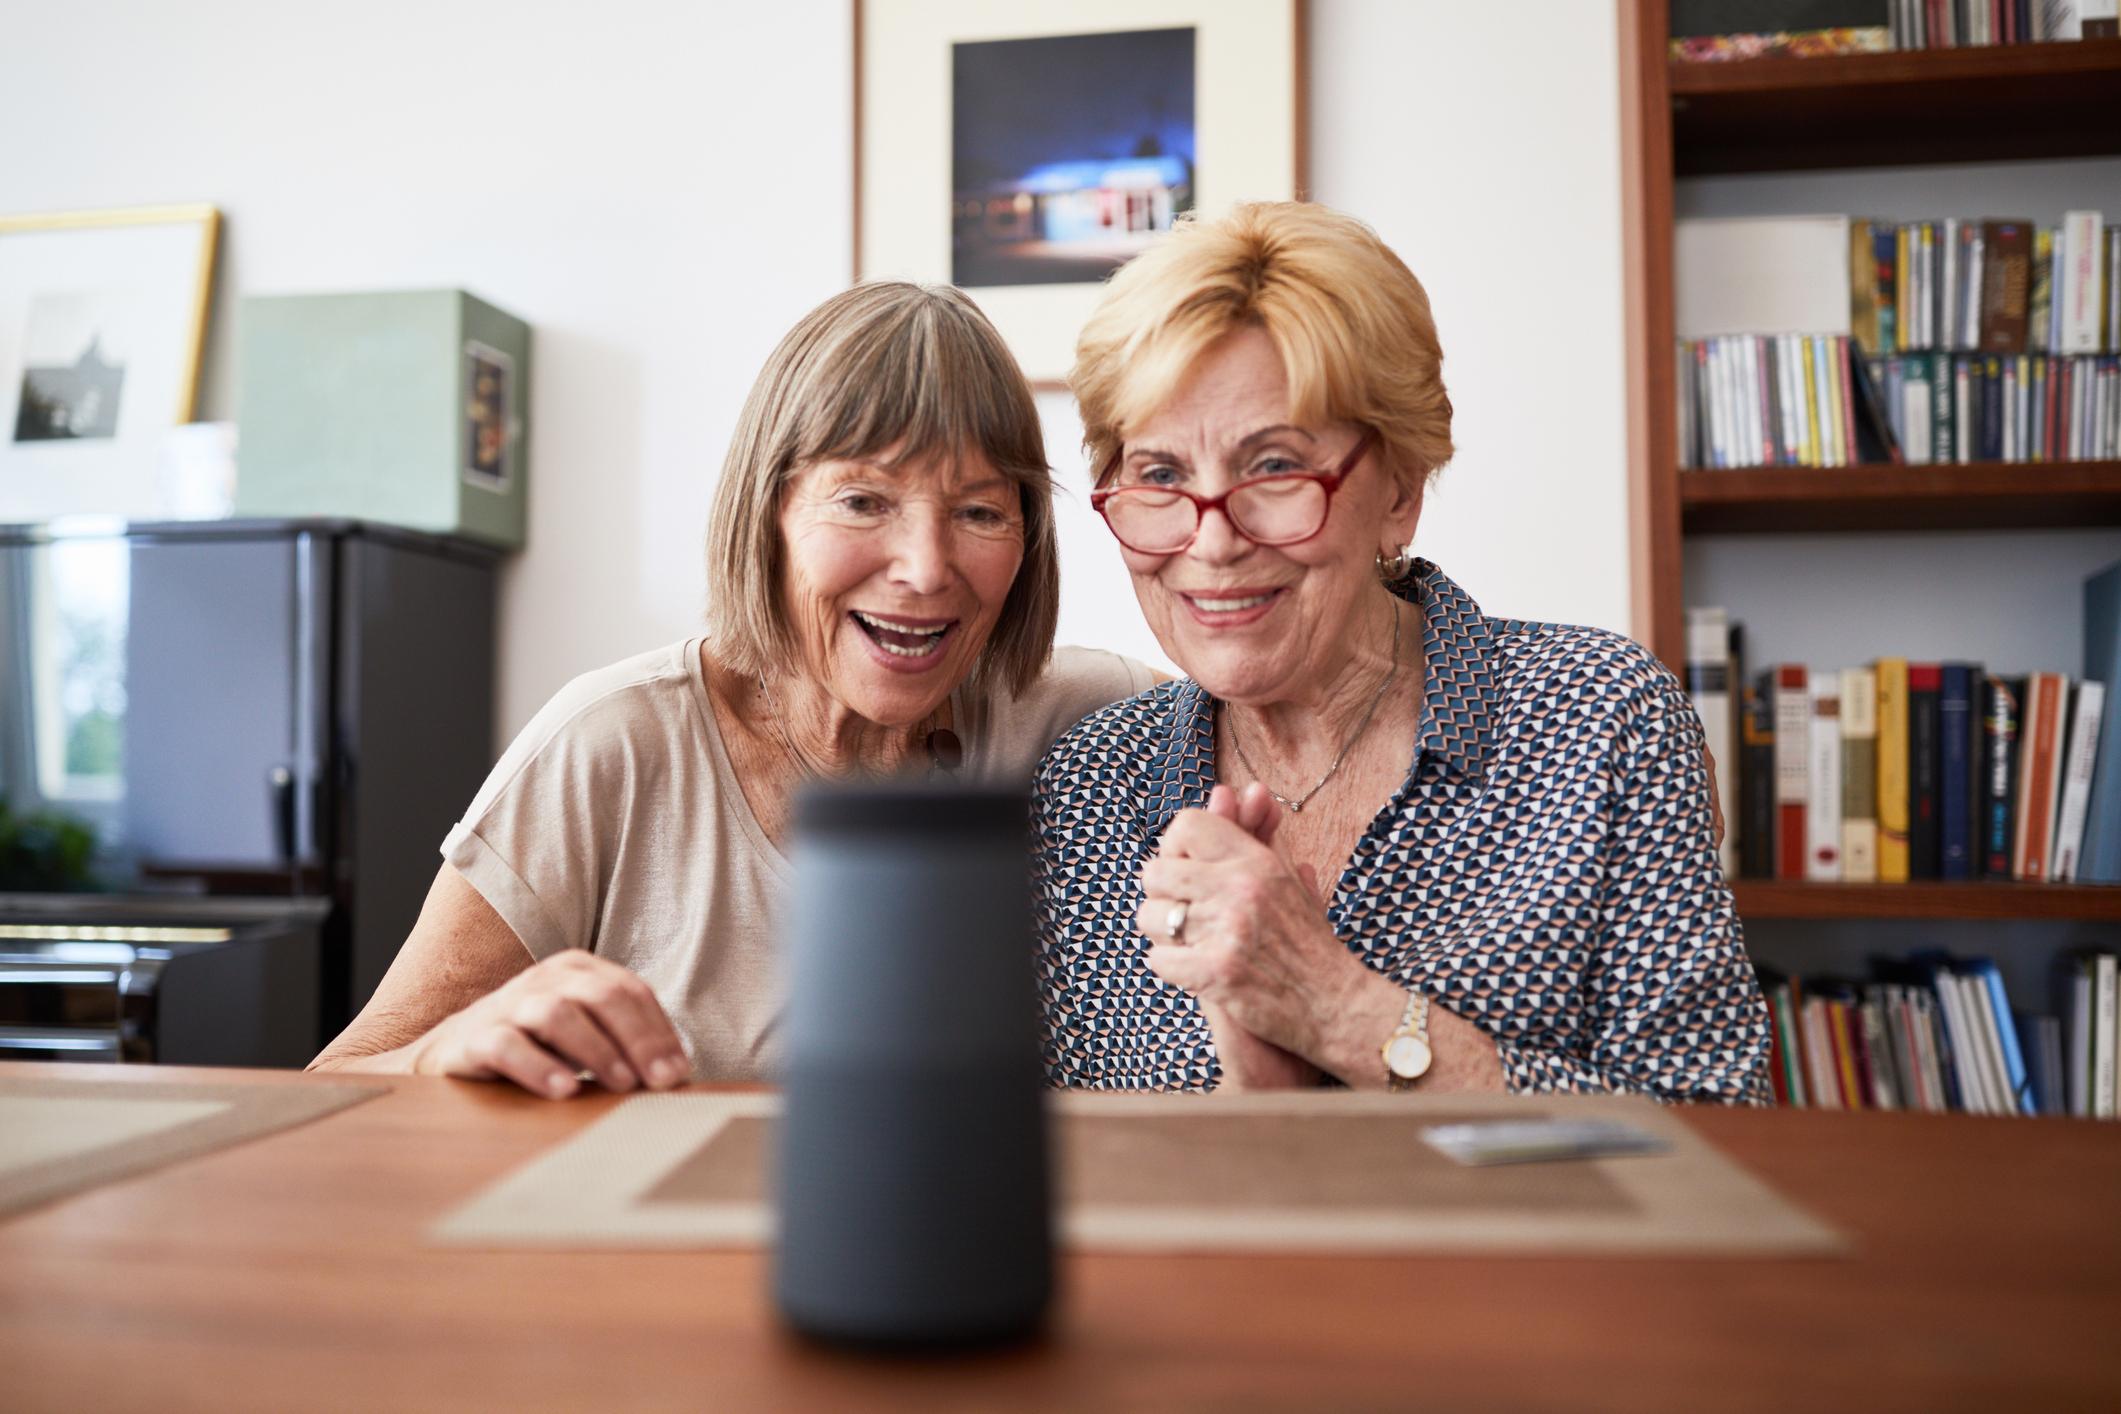 Senior women using a smart speaker